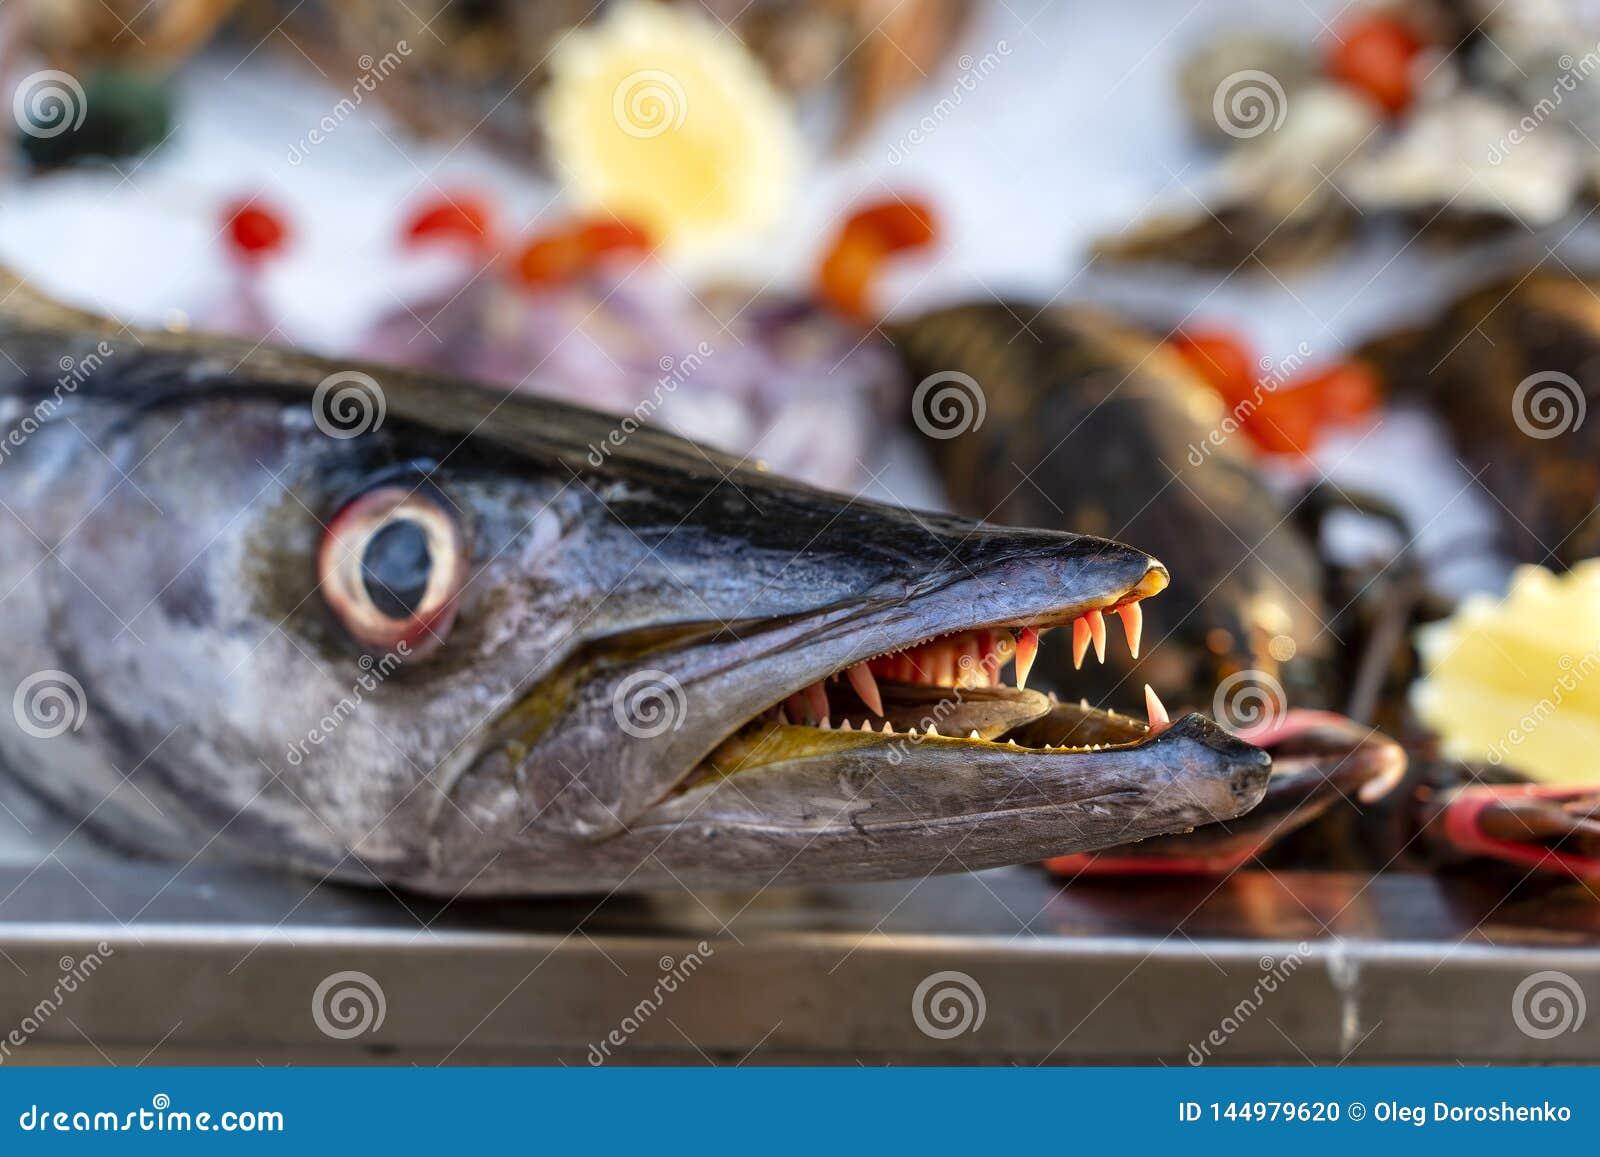 Close Up On Barracuda Teeth. Sea Fresh Fish Barracuda At ...